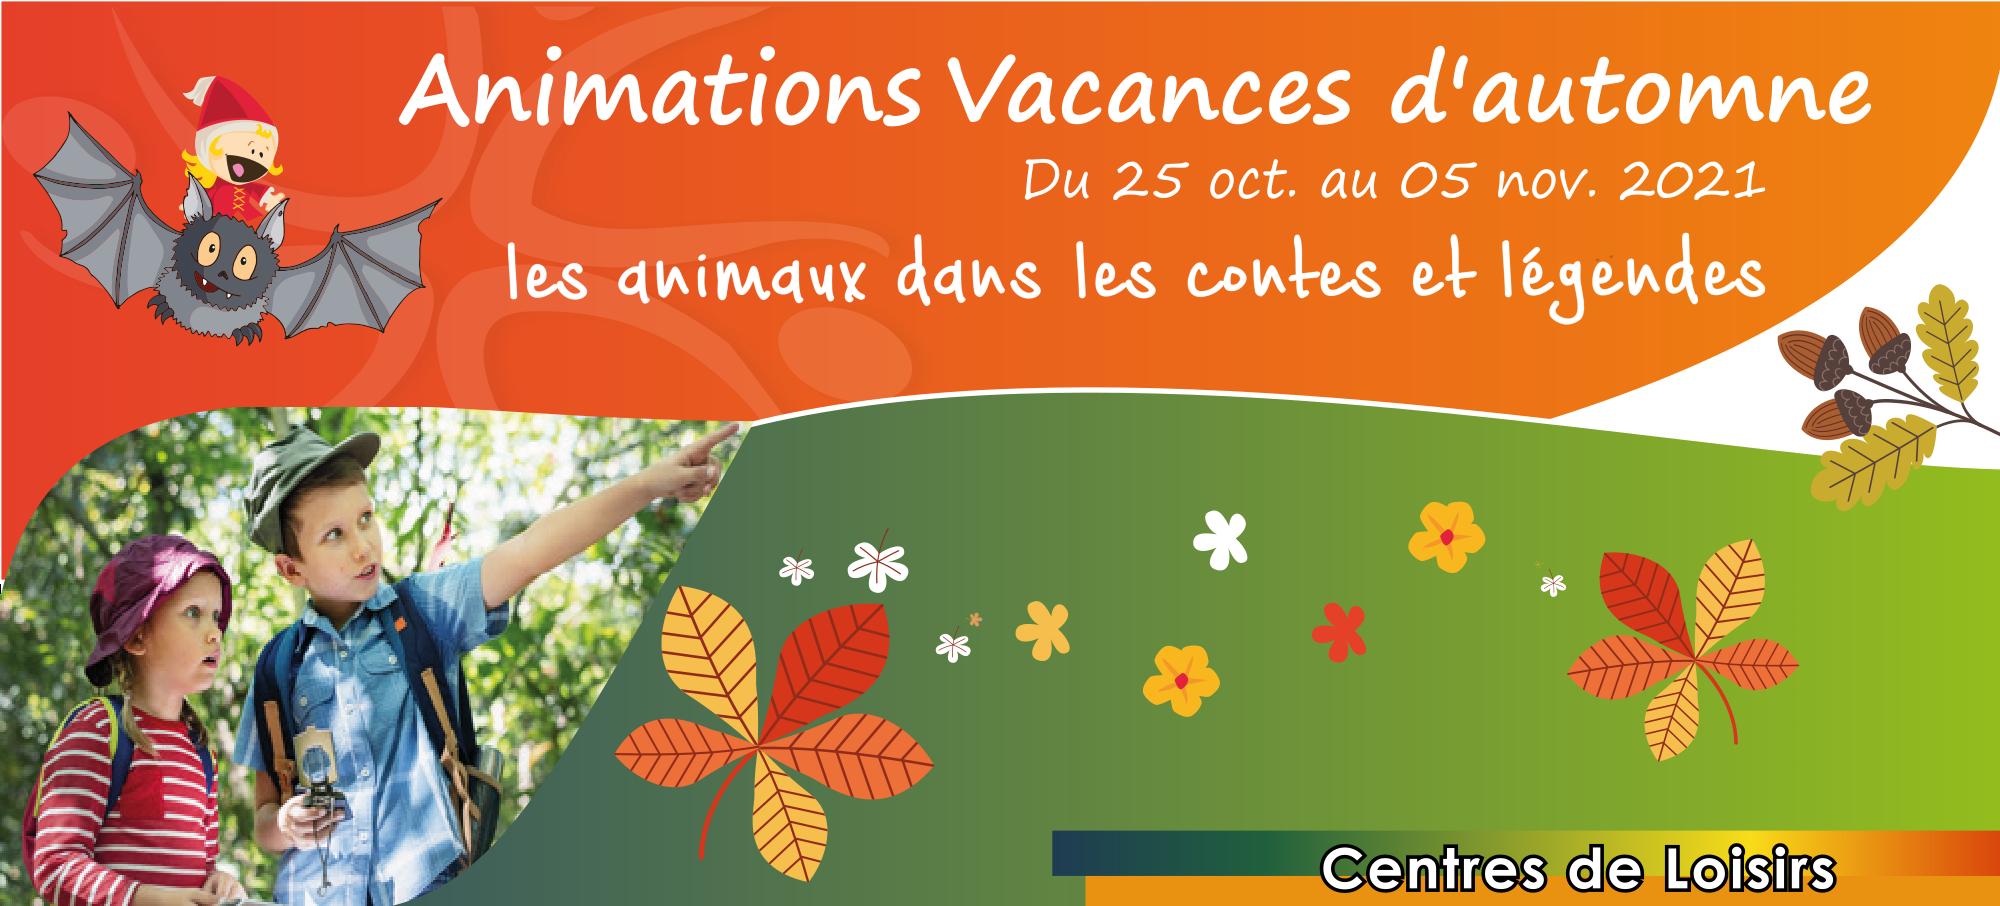 Centres de Loisirs - Vacances d'automne